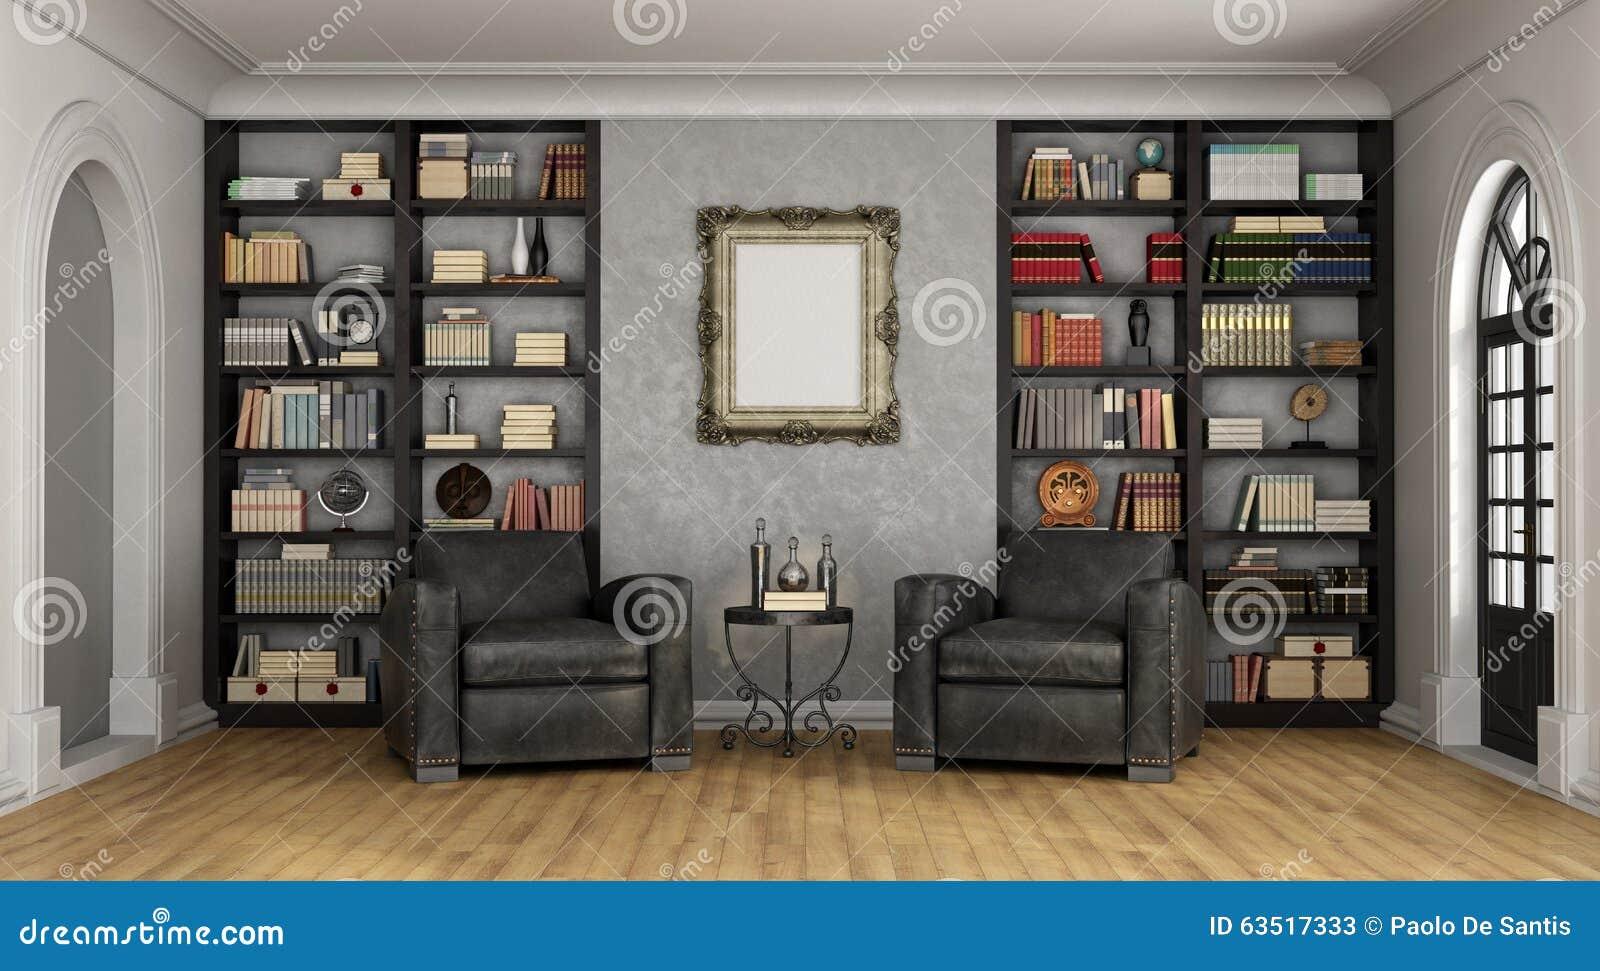 Salone Di Lusso Con Il Grandi Scaffale E Poltrone Illustrazione Di